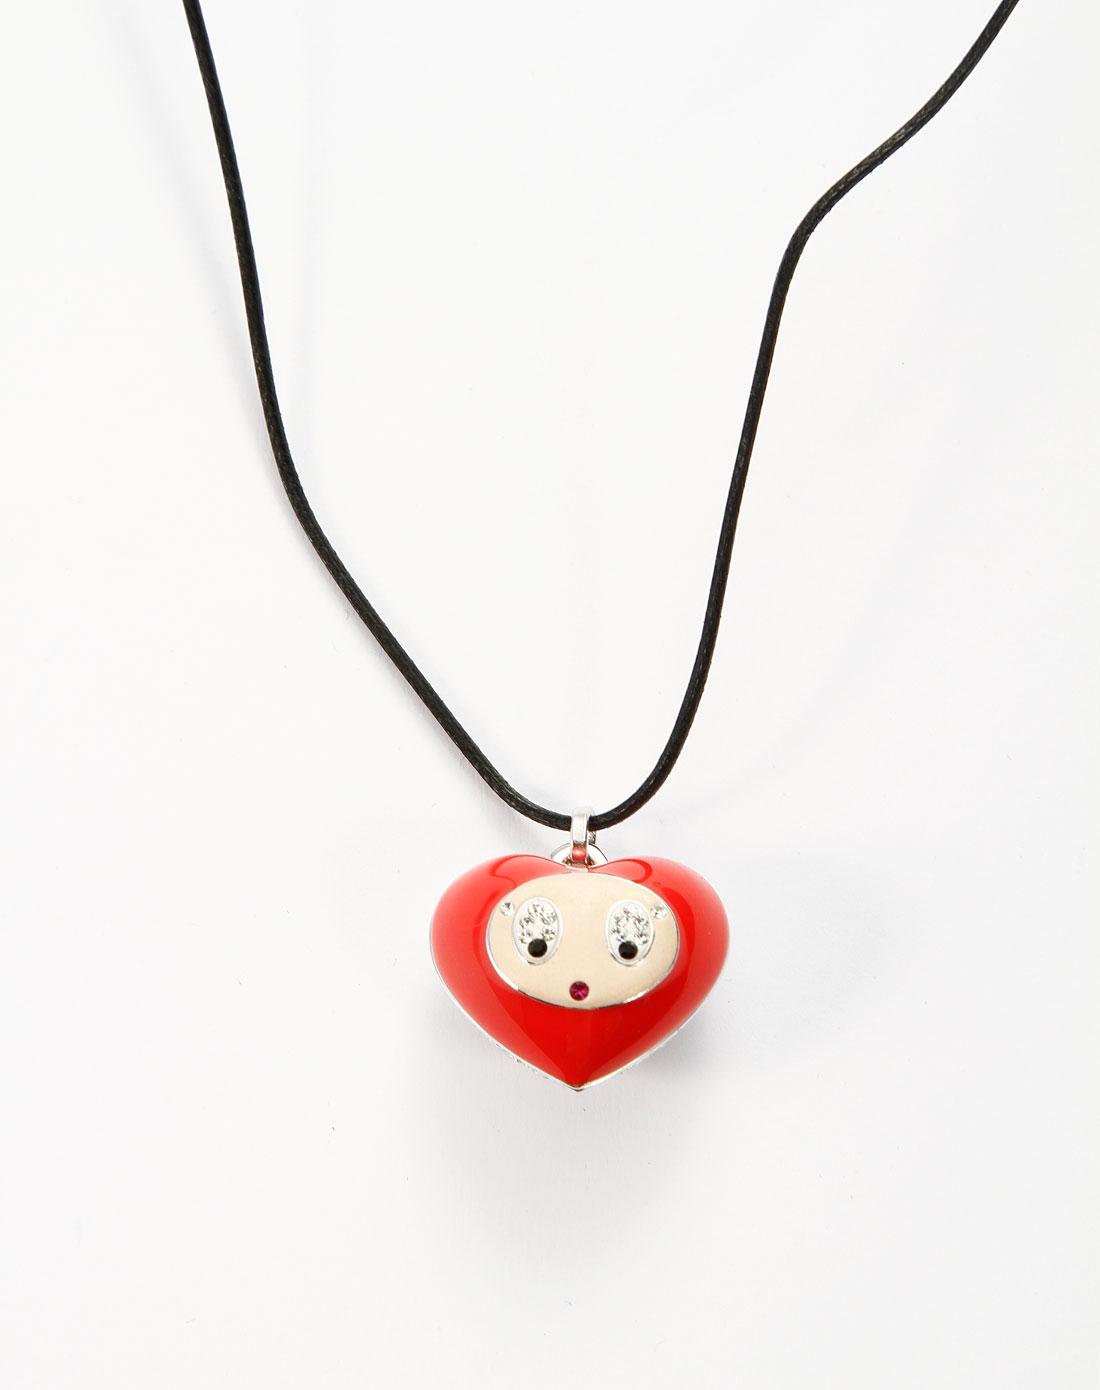 红/白色镶钻可爱心形表情吊坠项链